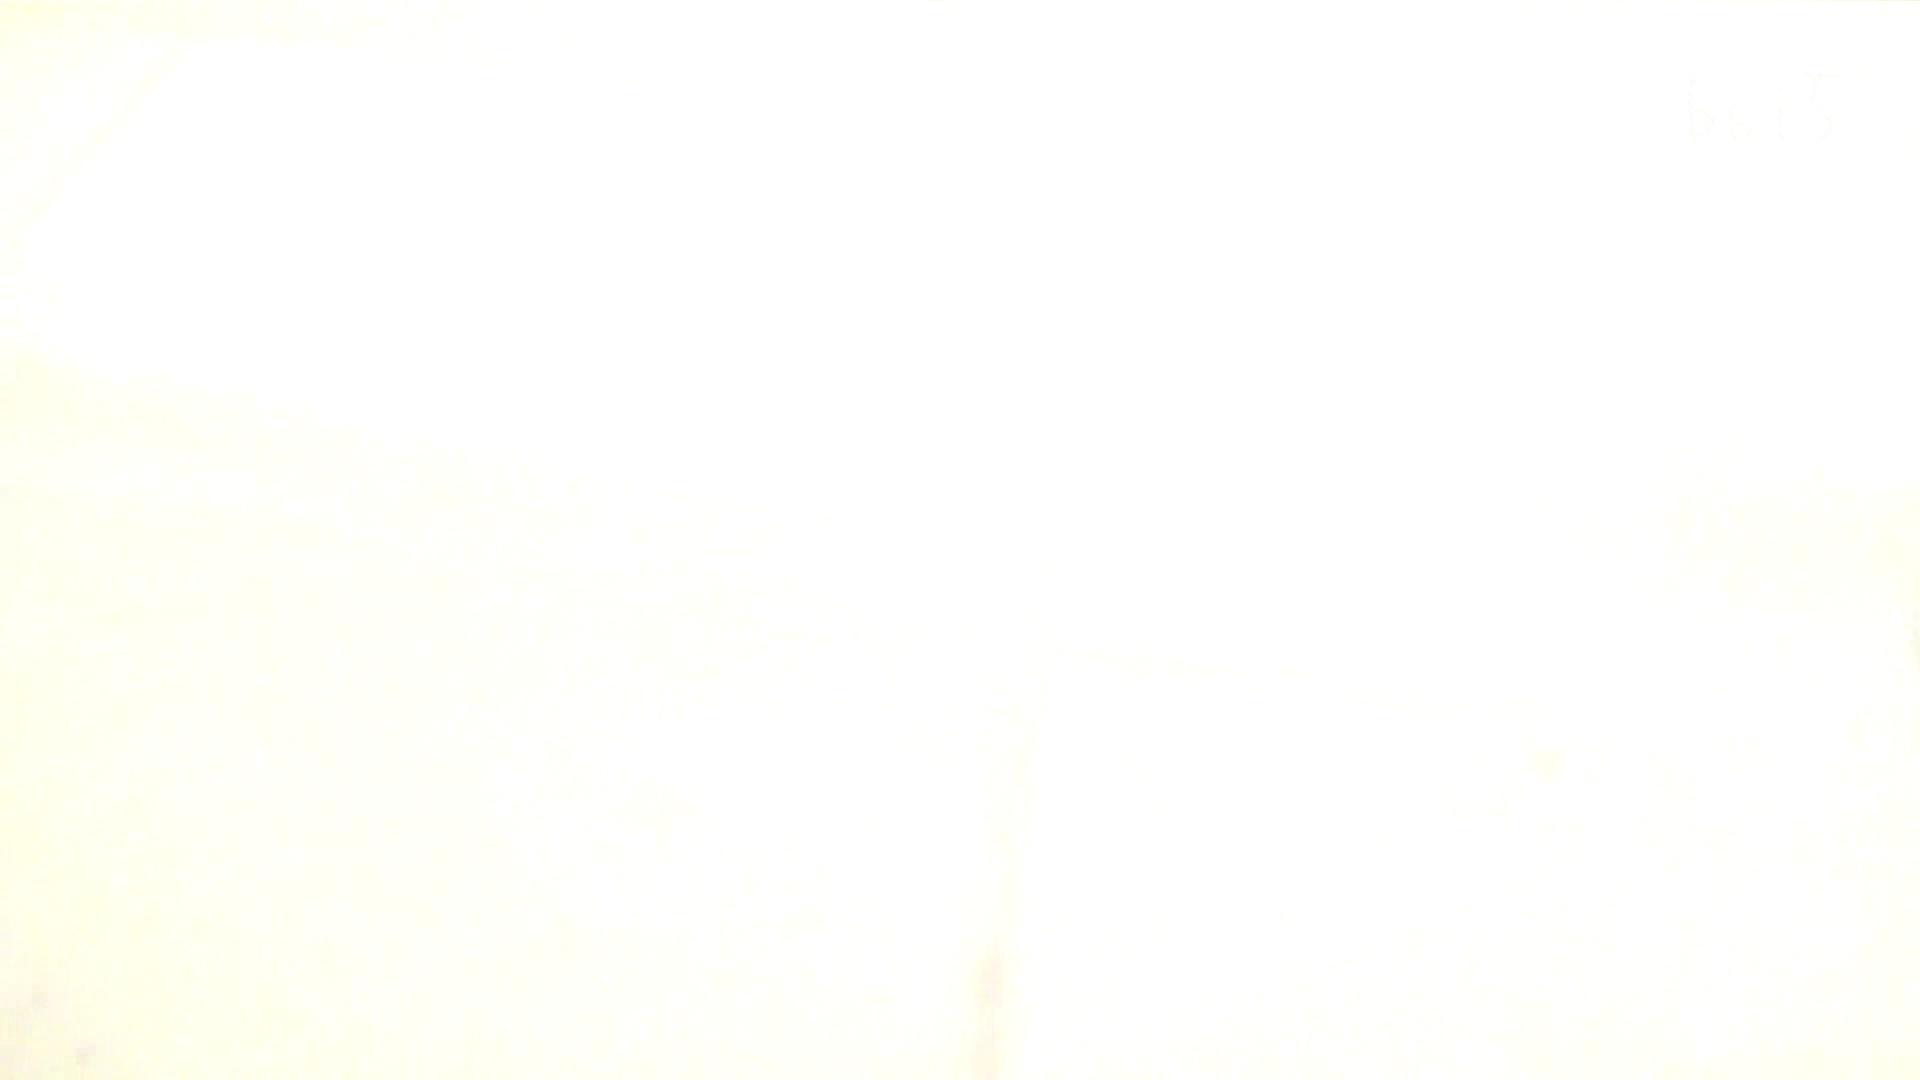 ナースのお小水 vol.005 Hなナース エロ画像 108pic 84